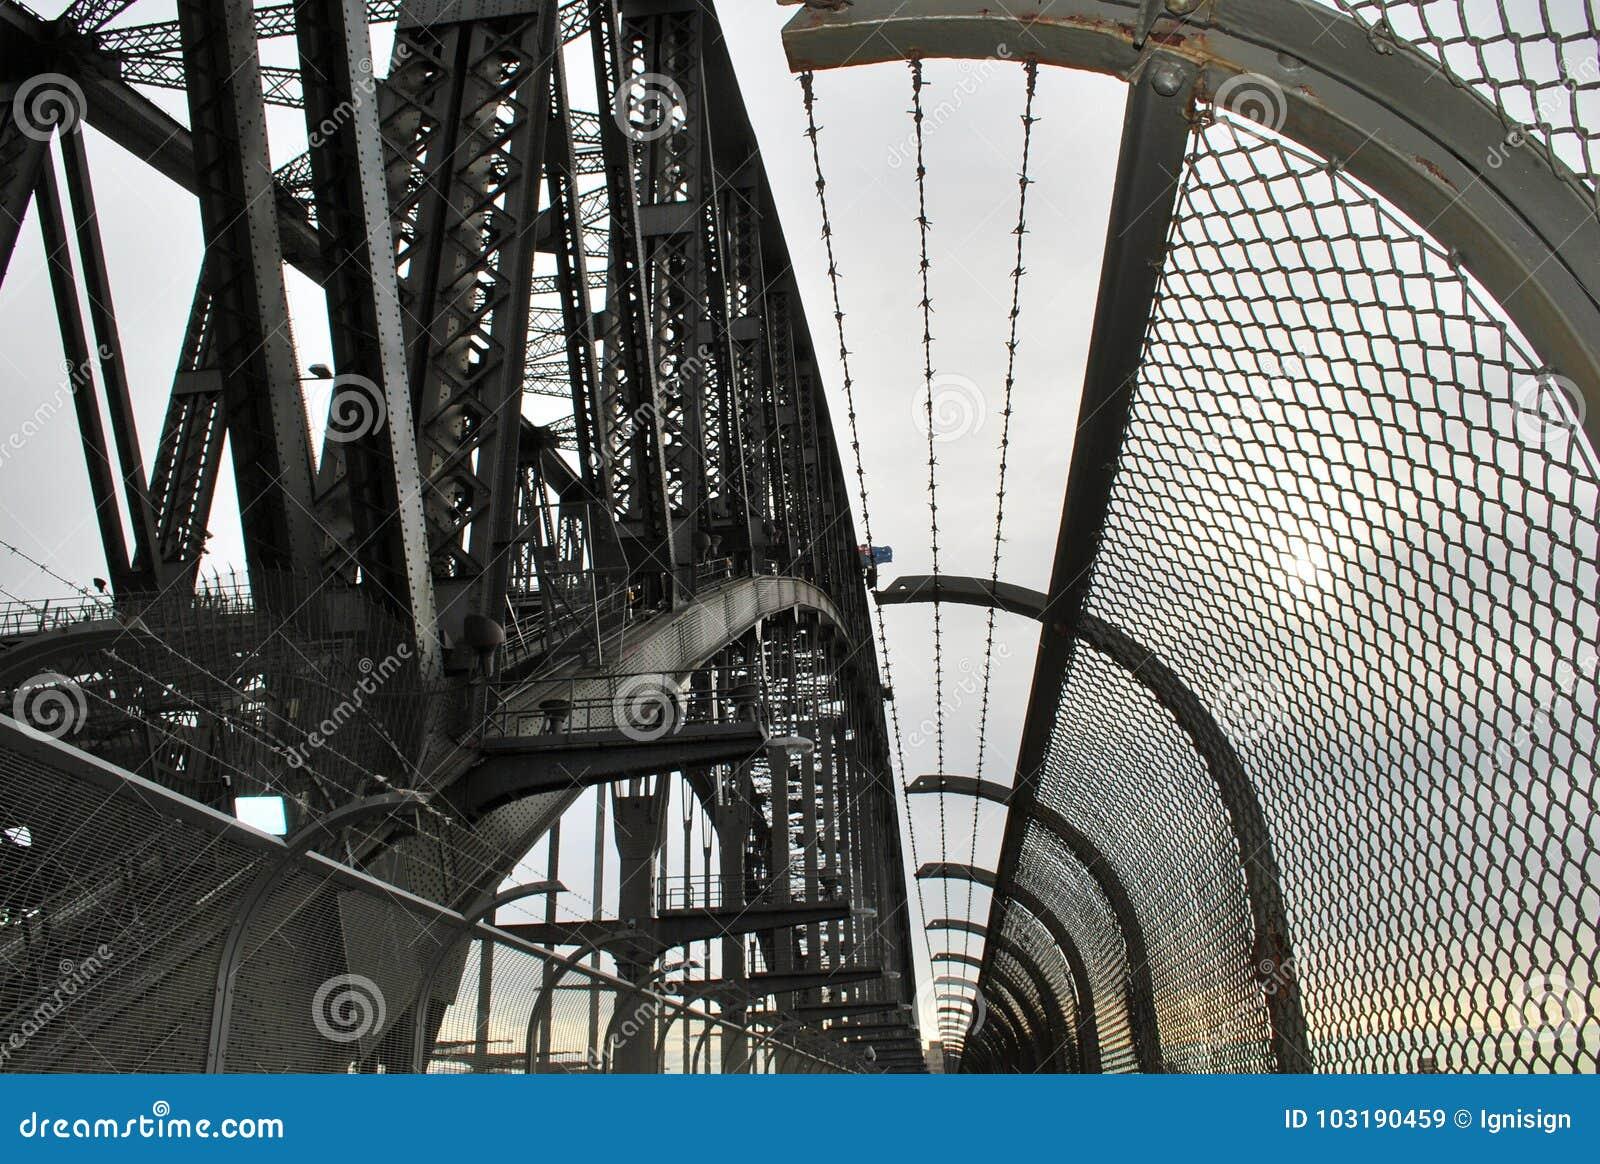 Objeto metálico detalhado do close-up em Sydney Harbour Bridge